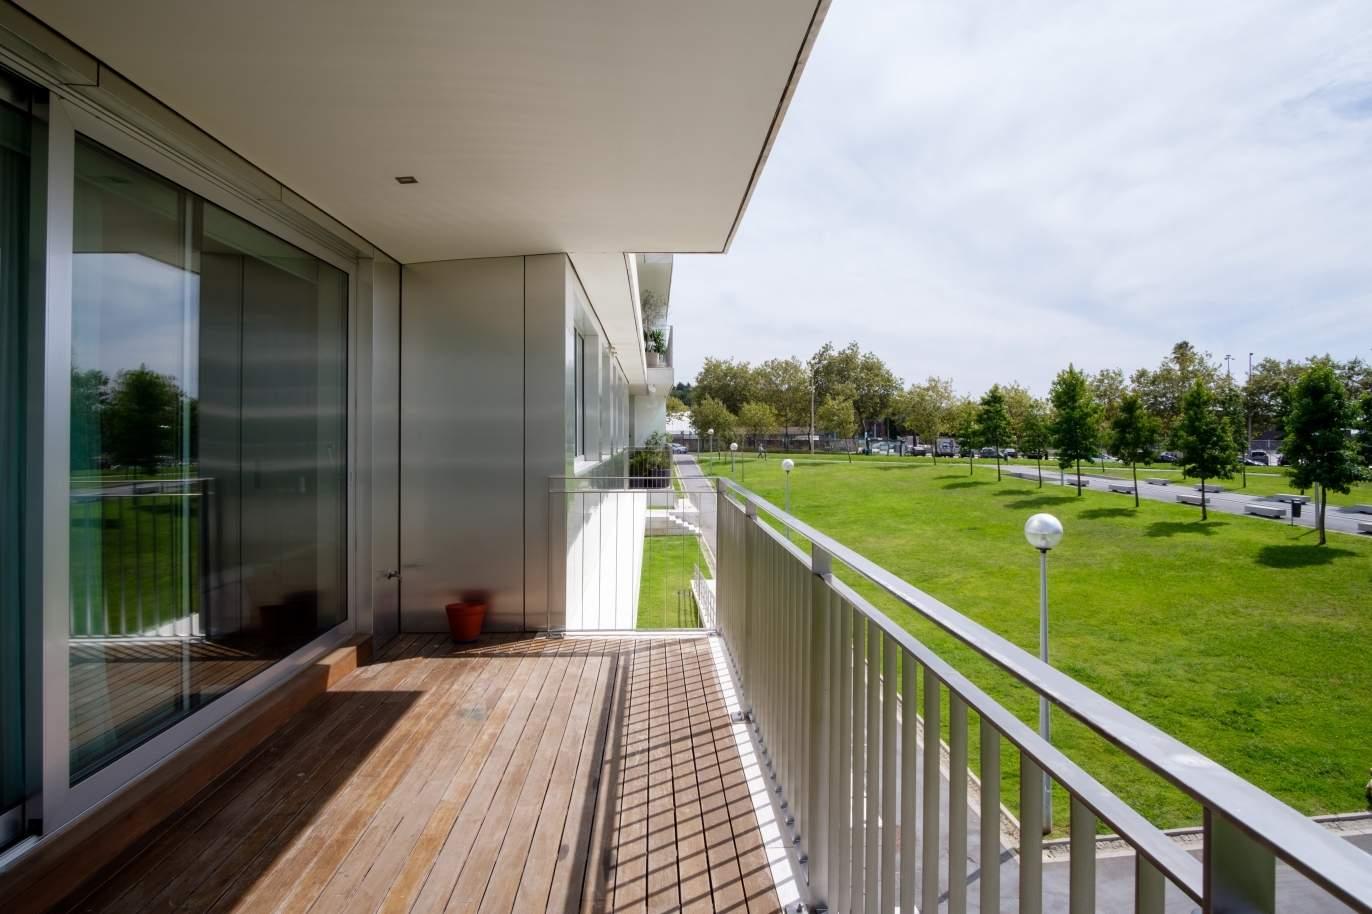 venda-de-apartamento-em-empreendimento-com-piscina-matosinhos-sul